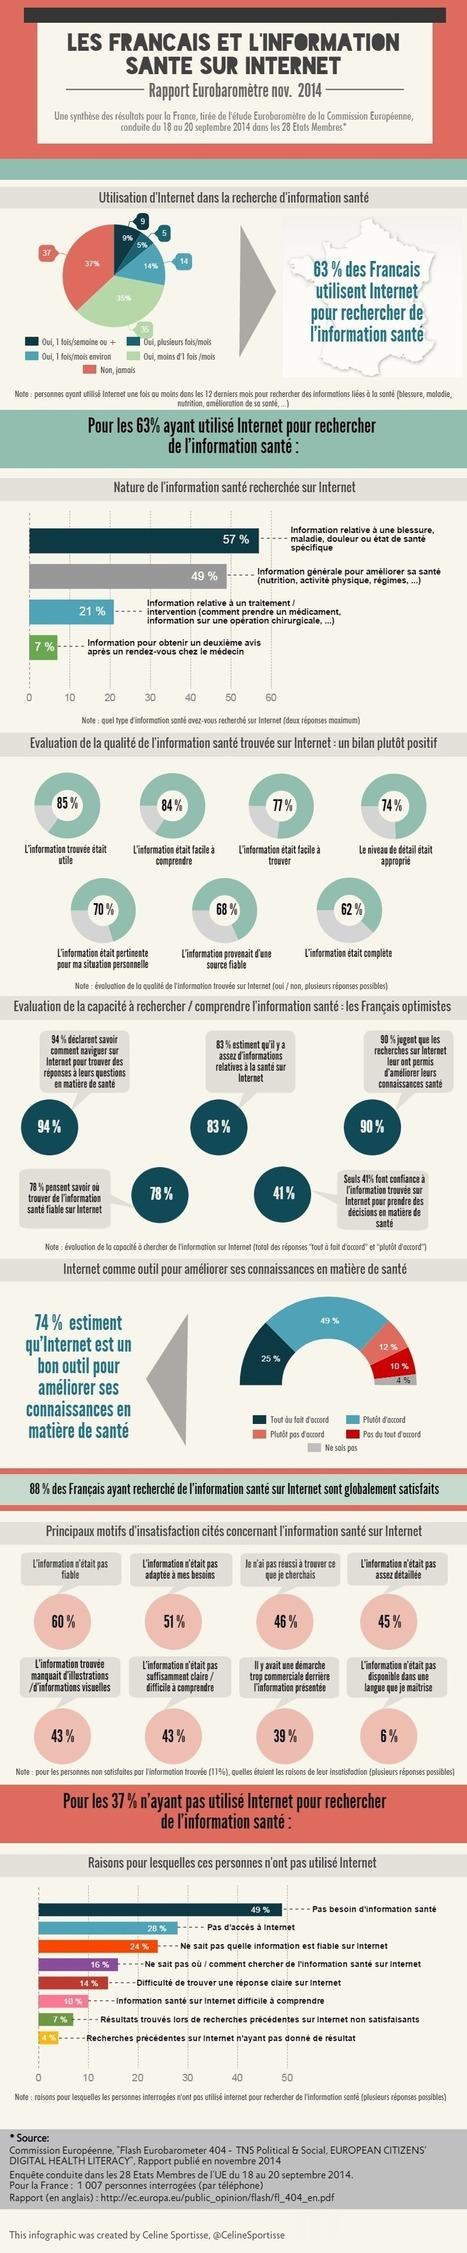 Infographie : Les Français et l'information santé sur Internet, Etude Eurobaromètre septembre 2014 | Patient Hub | Scoop.it